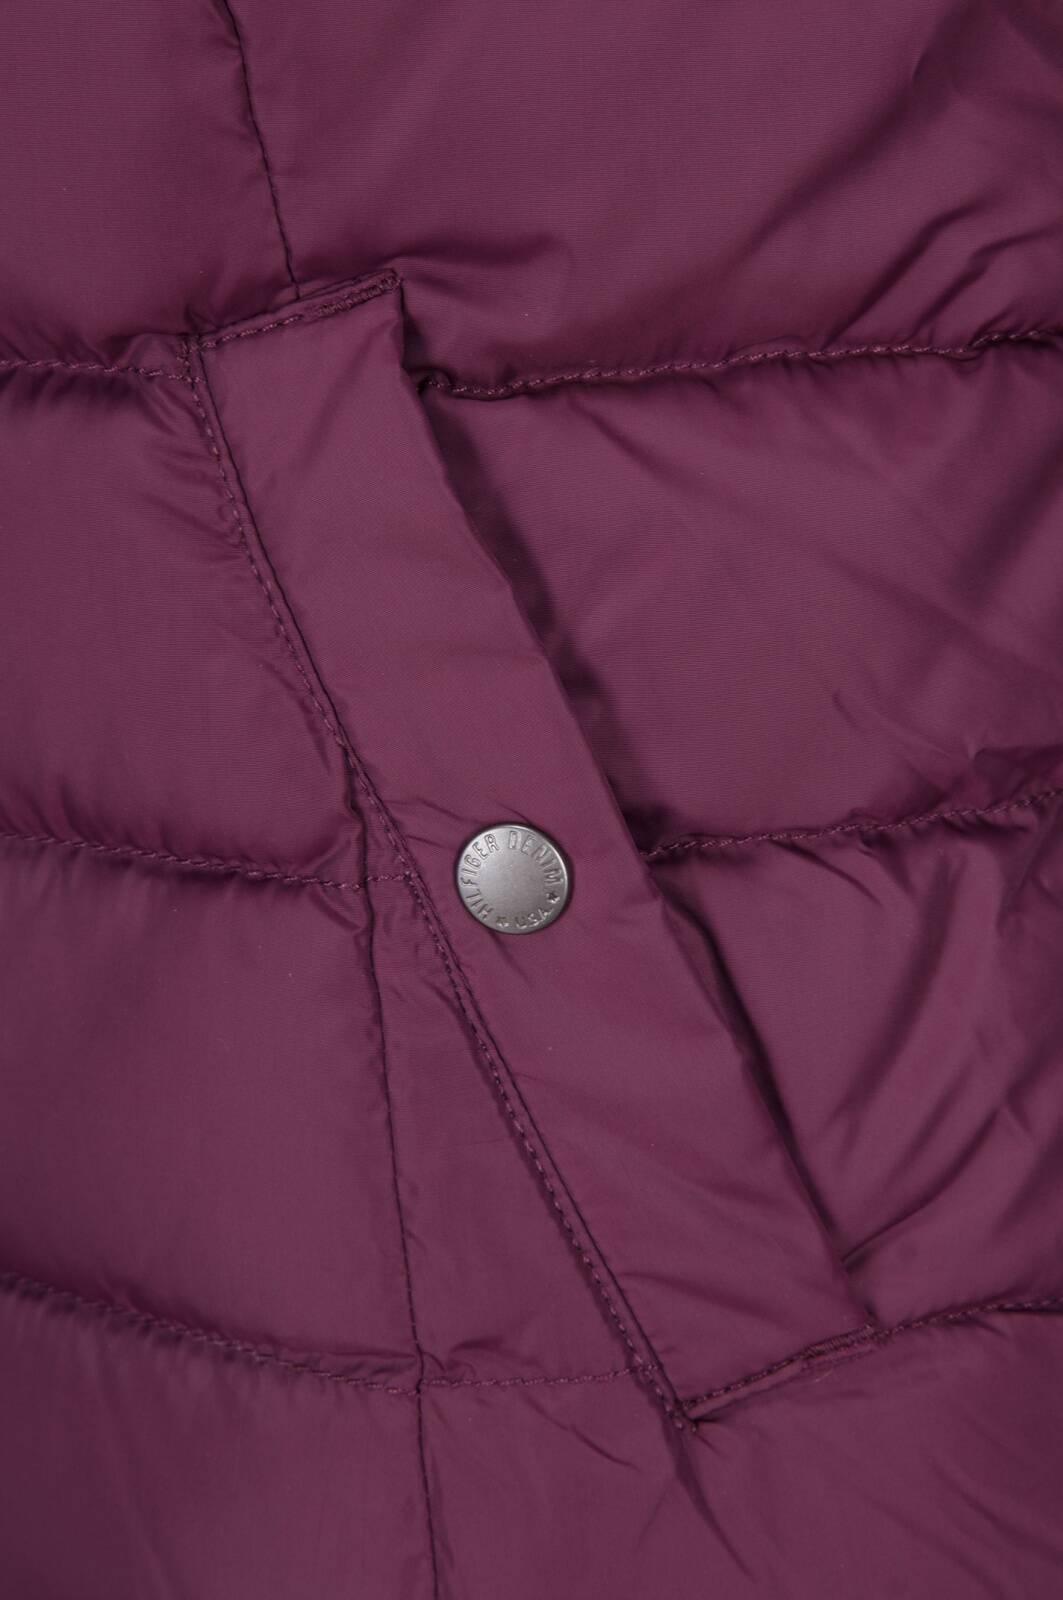 martina jacket hilfiger denim violet apparel. Black Bedroom Furniture Sets. Home Design Ideas